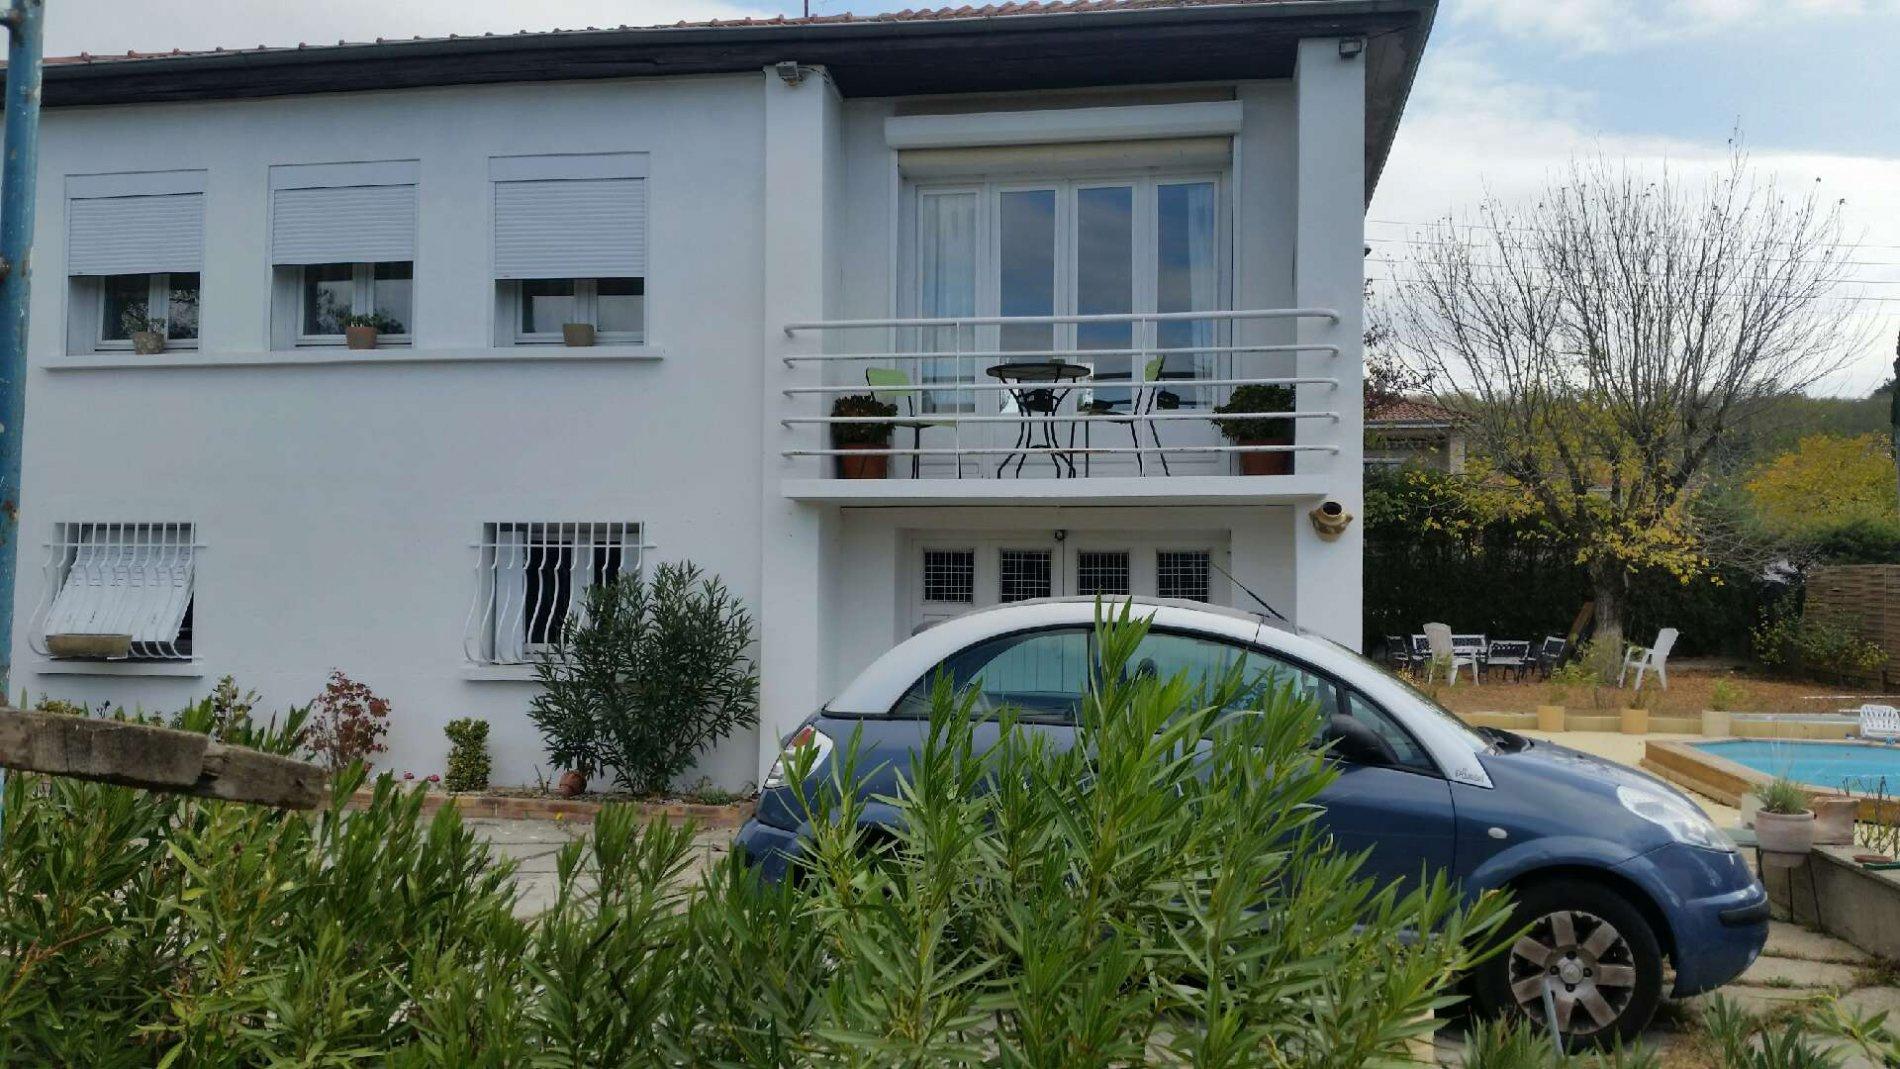 Annonce vente maison roussillon 38150 100 m 190 000 for 38150 roussillon